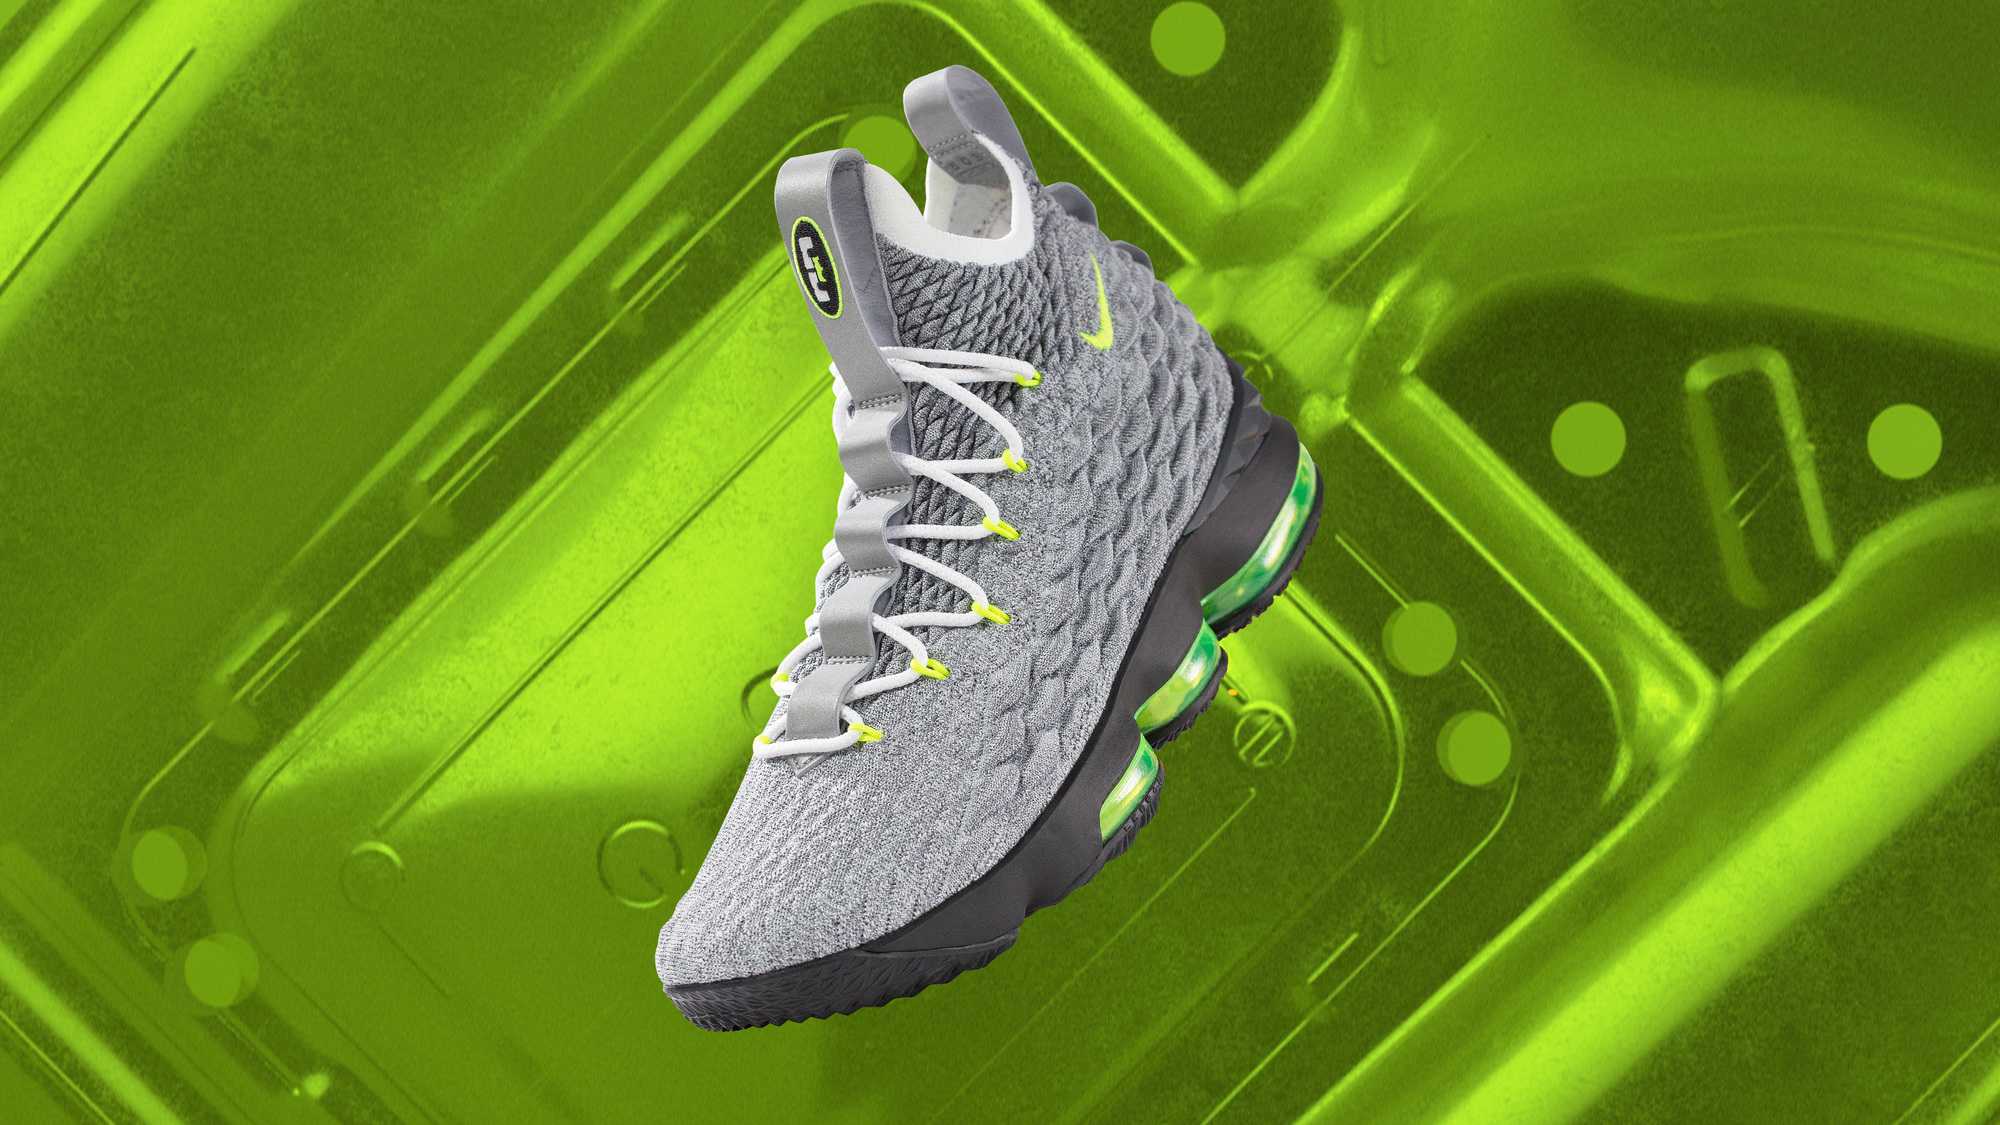 f15e666b4e3 Nike LeBron 15 Air Max 95 - WearTesters